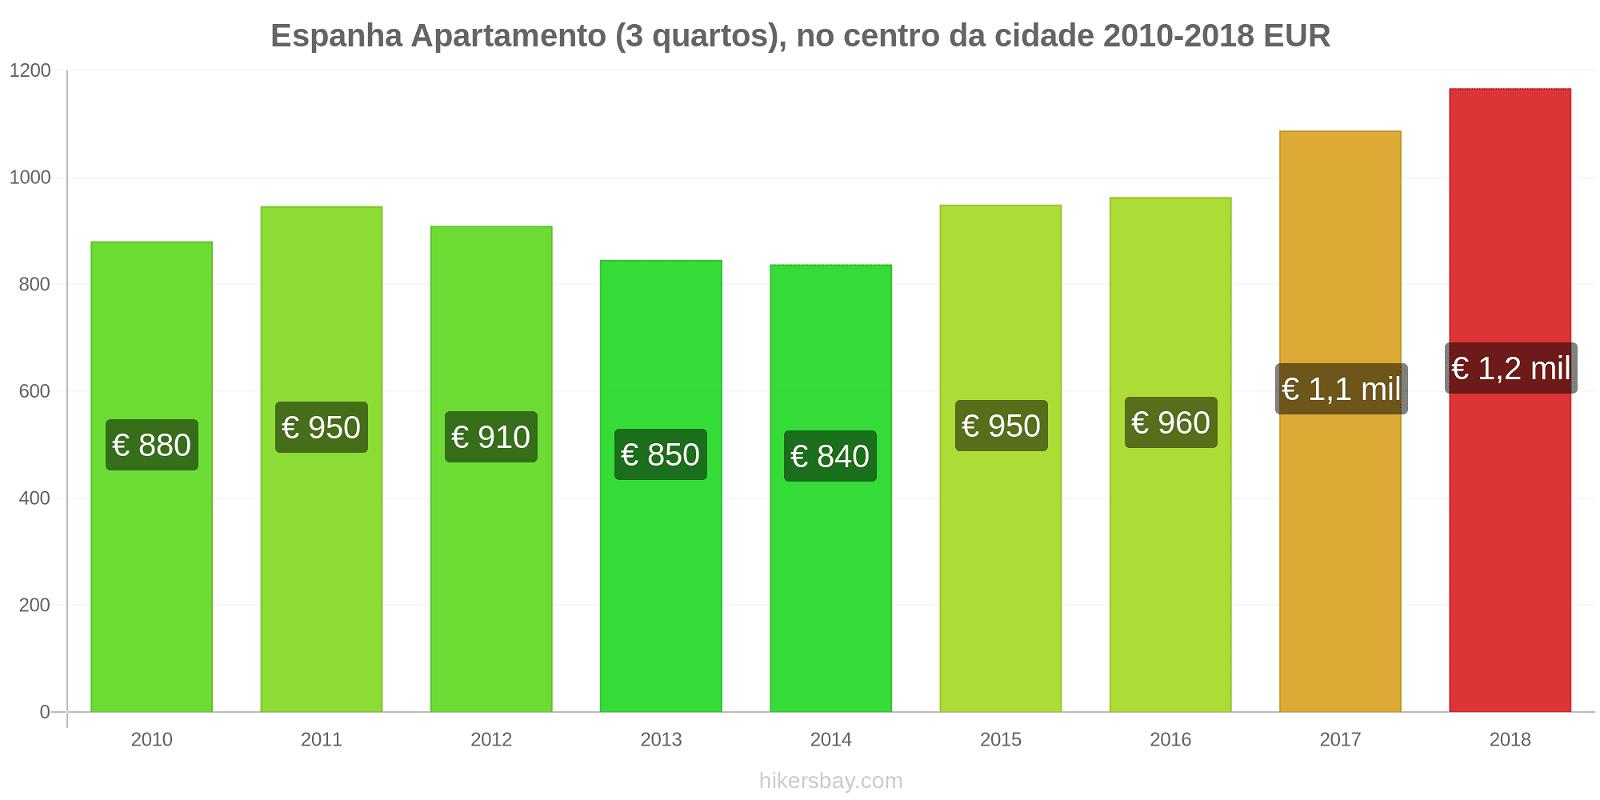 Espanha variação de preço Apartamento (3 quartos), no centro da cidade hikersbay.com